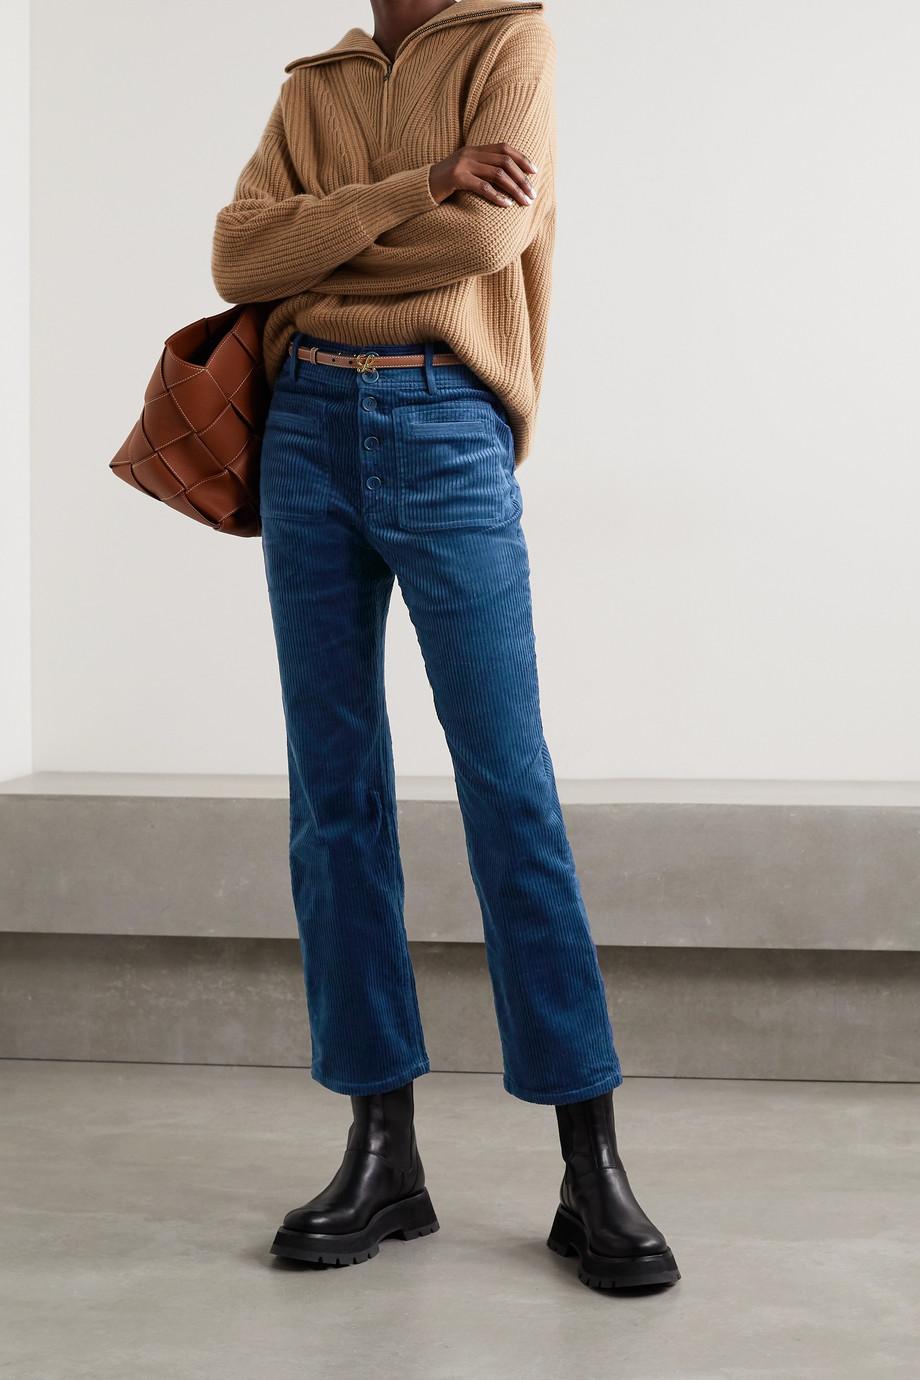 APIECE APART Marston Hose mit geradem Bein aus Cord aus einer Baumwollmischung